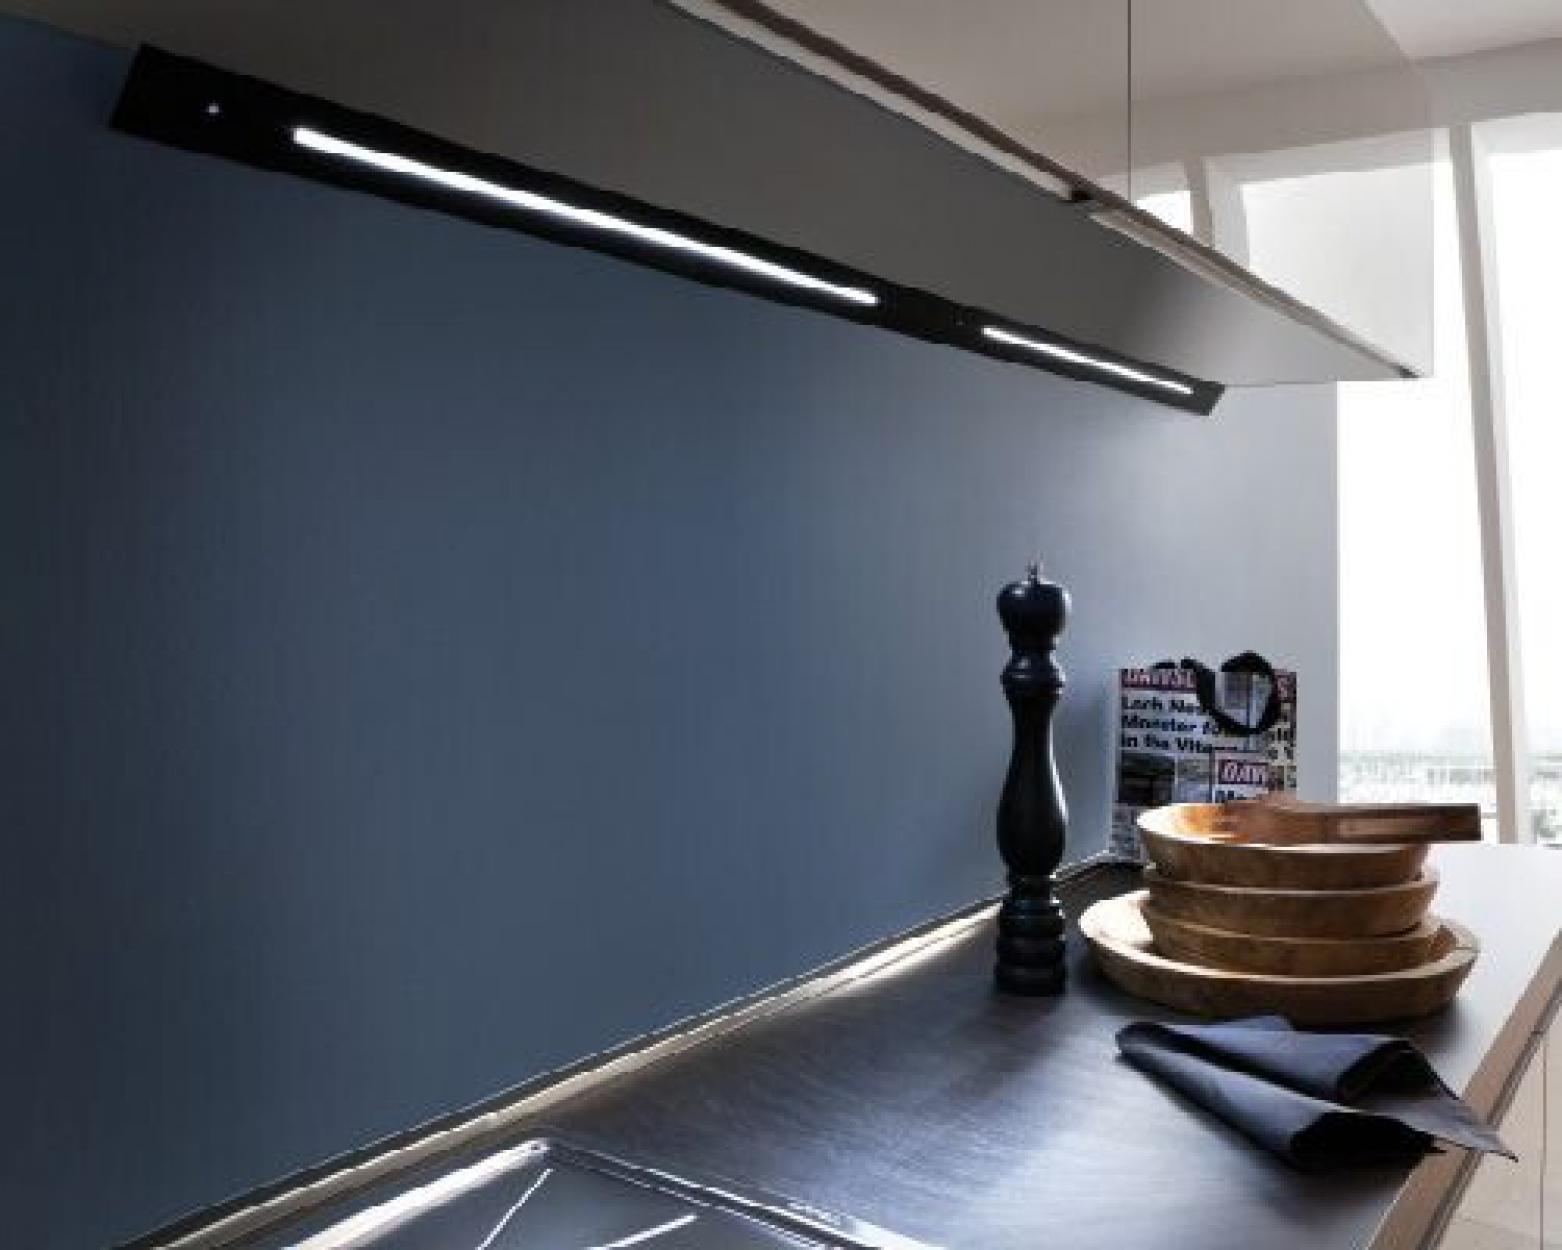 Светильник светодиодный MURANO EVOLUTION Touch L=900mm (3x250) 12,0W 4000°K 144LED 12Vdc, цвет:черный